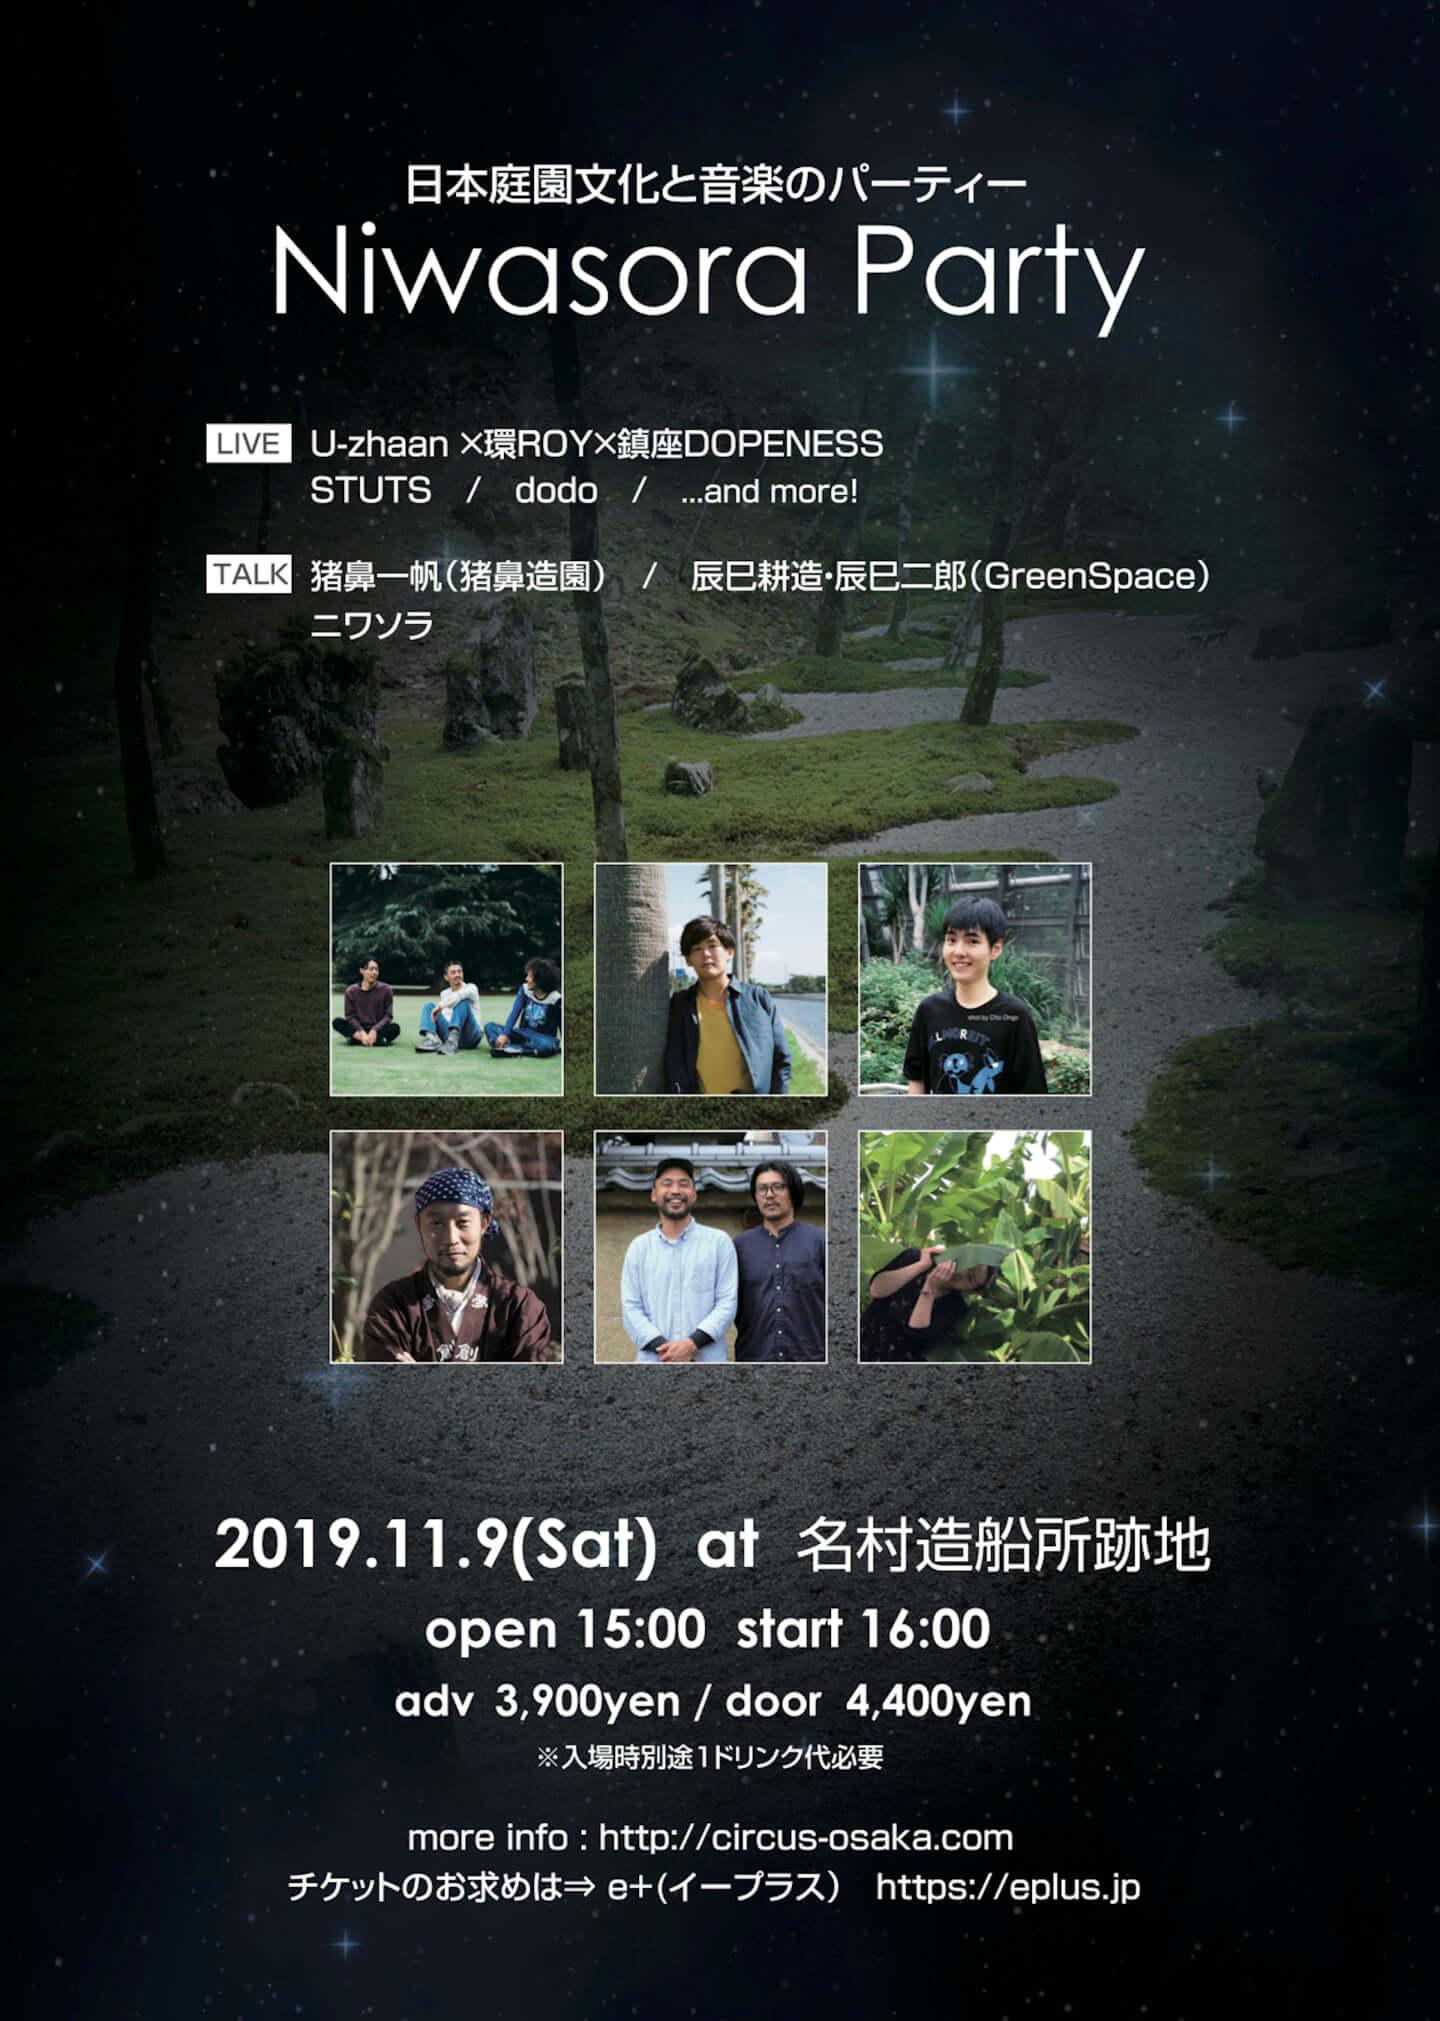 日本庭園文化と音楽のコラボパーティー <Niwasora Party>の開催が決定|U-zhaan×環ROY×鎮座DOPENESS、STUTS、dodoらが出演 niwasoraparty-flyer-1440x2021